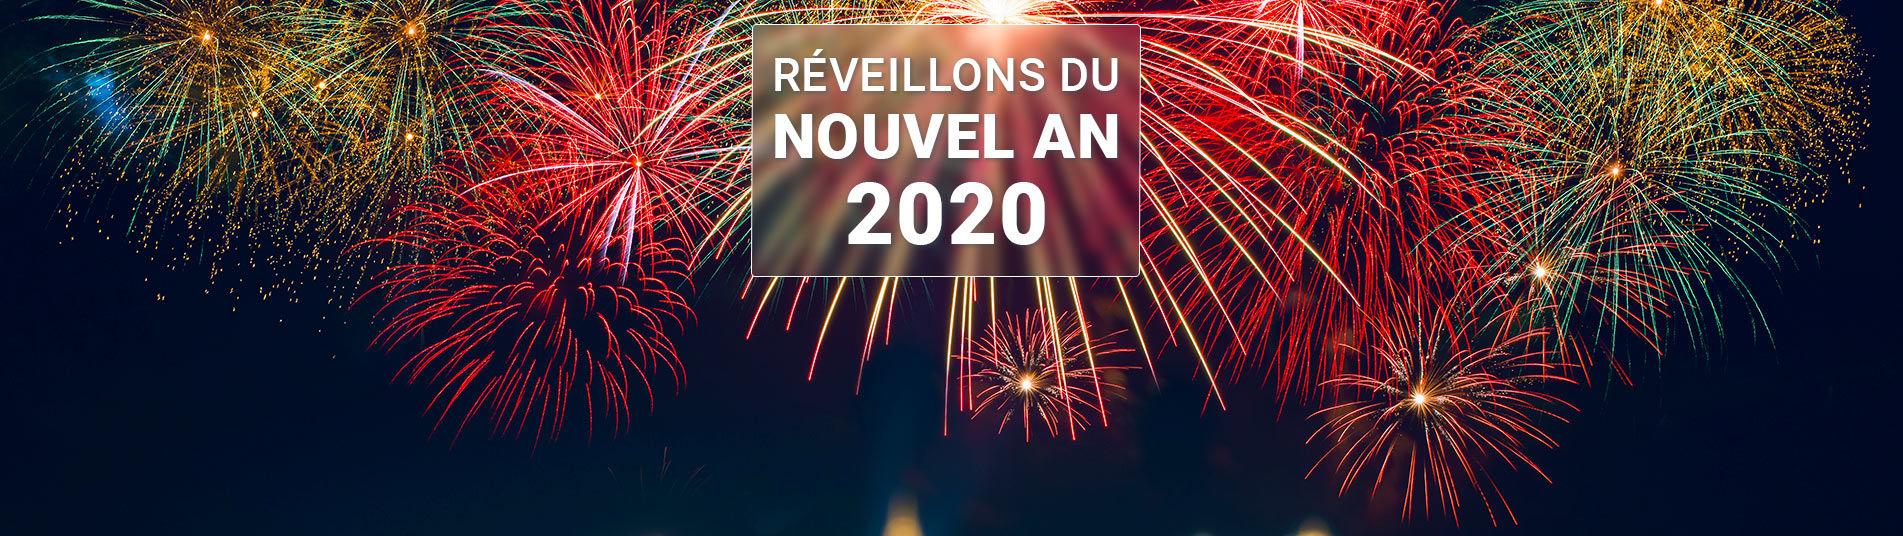 Idées week end pour le Nouvel an 2020